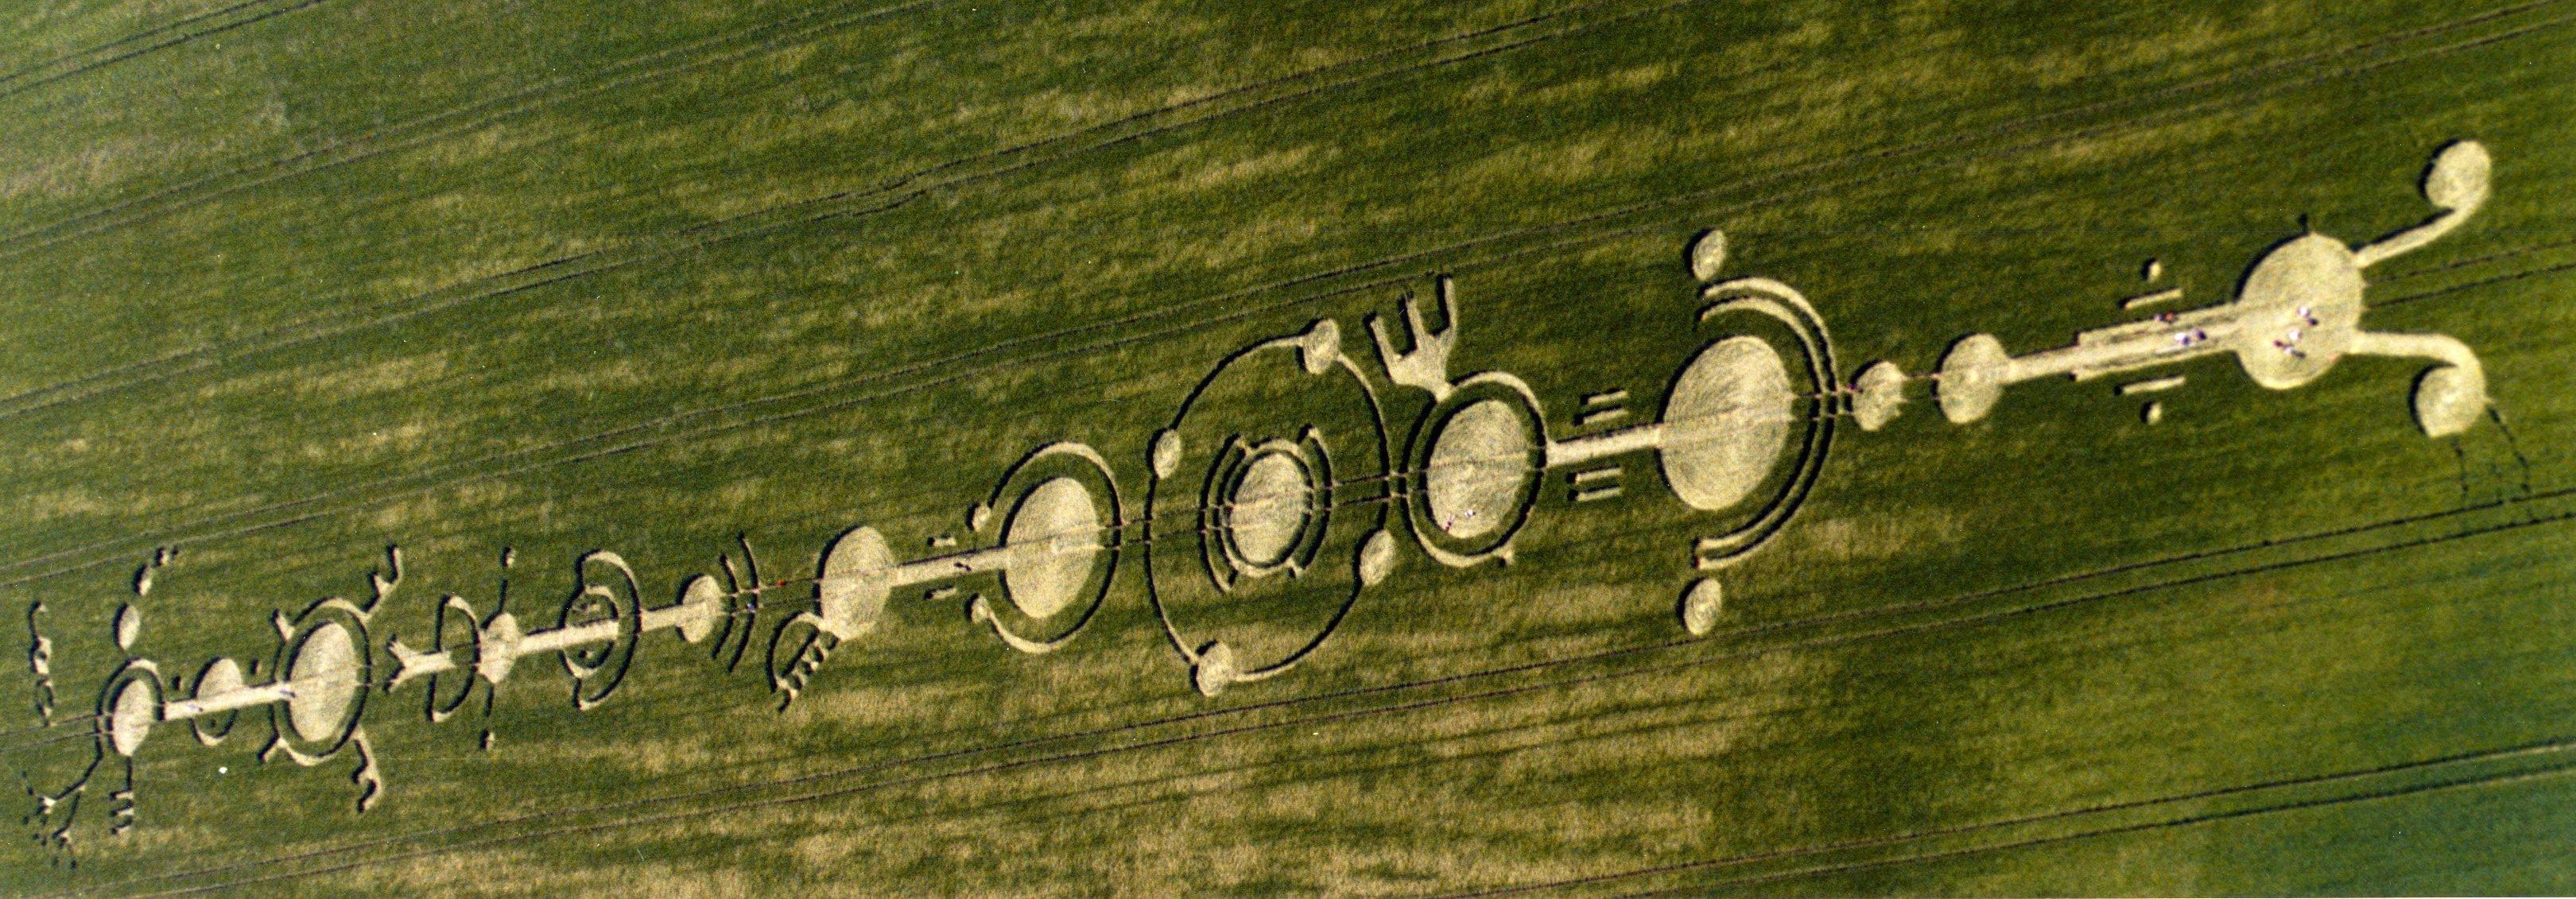 crop-circles-26